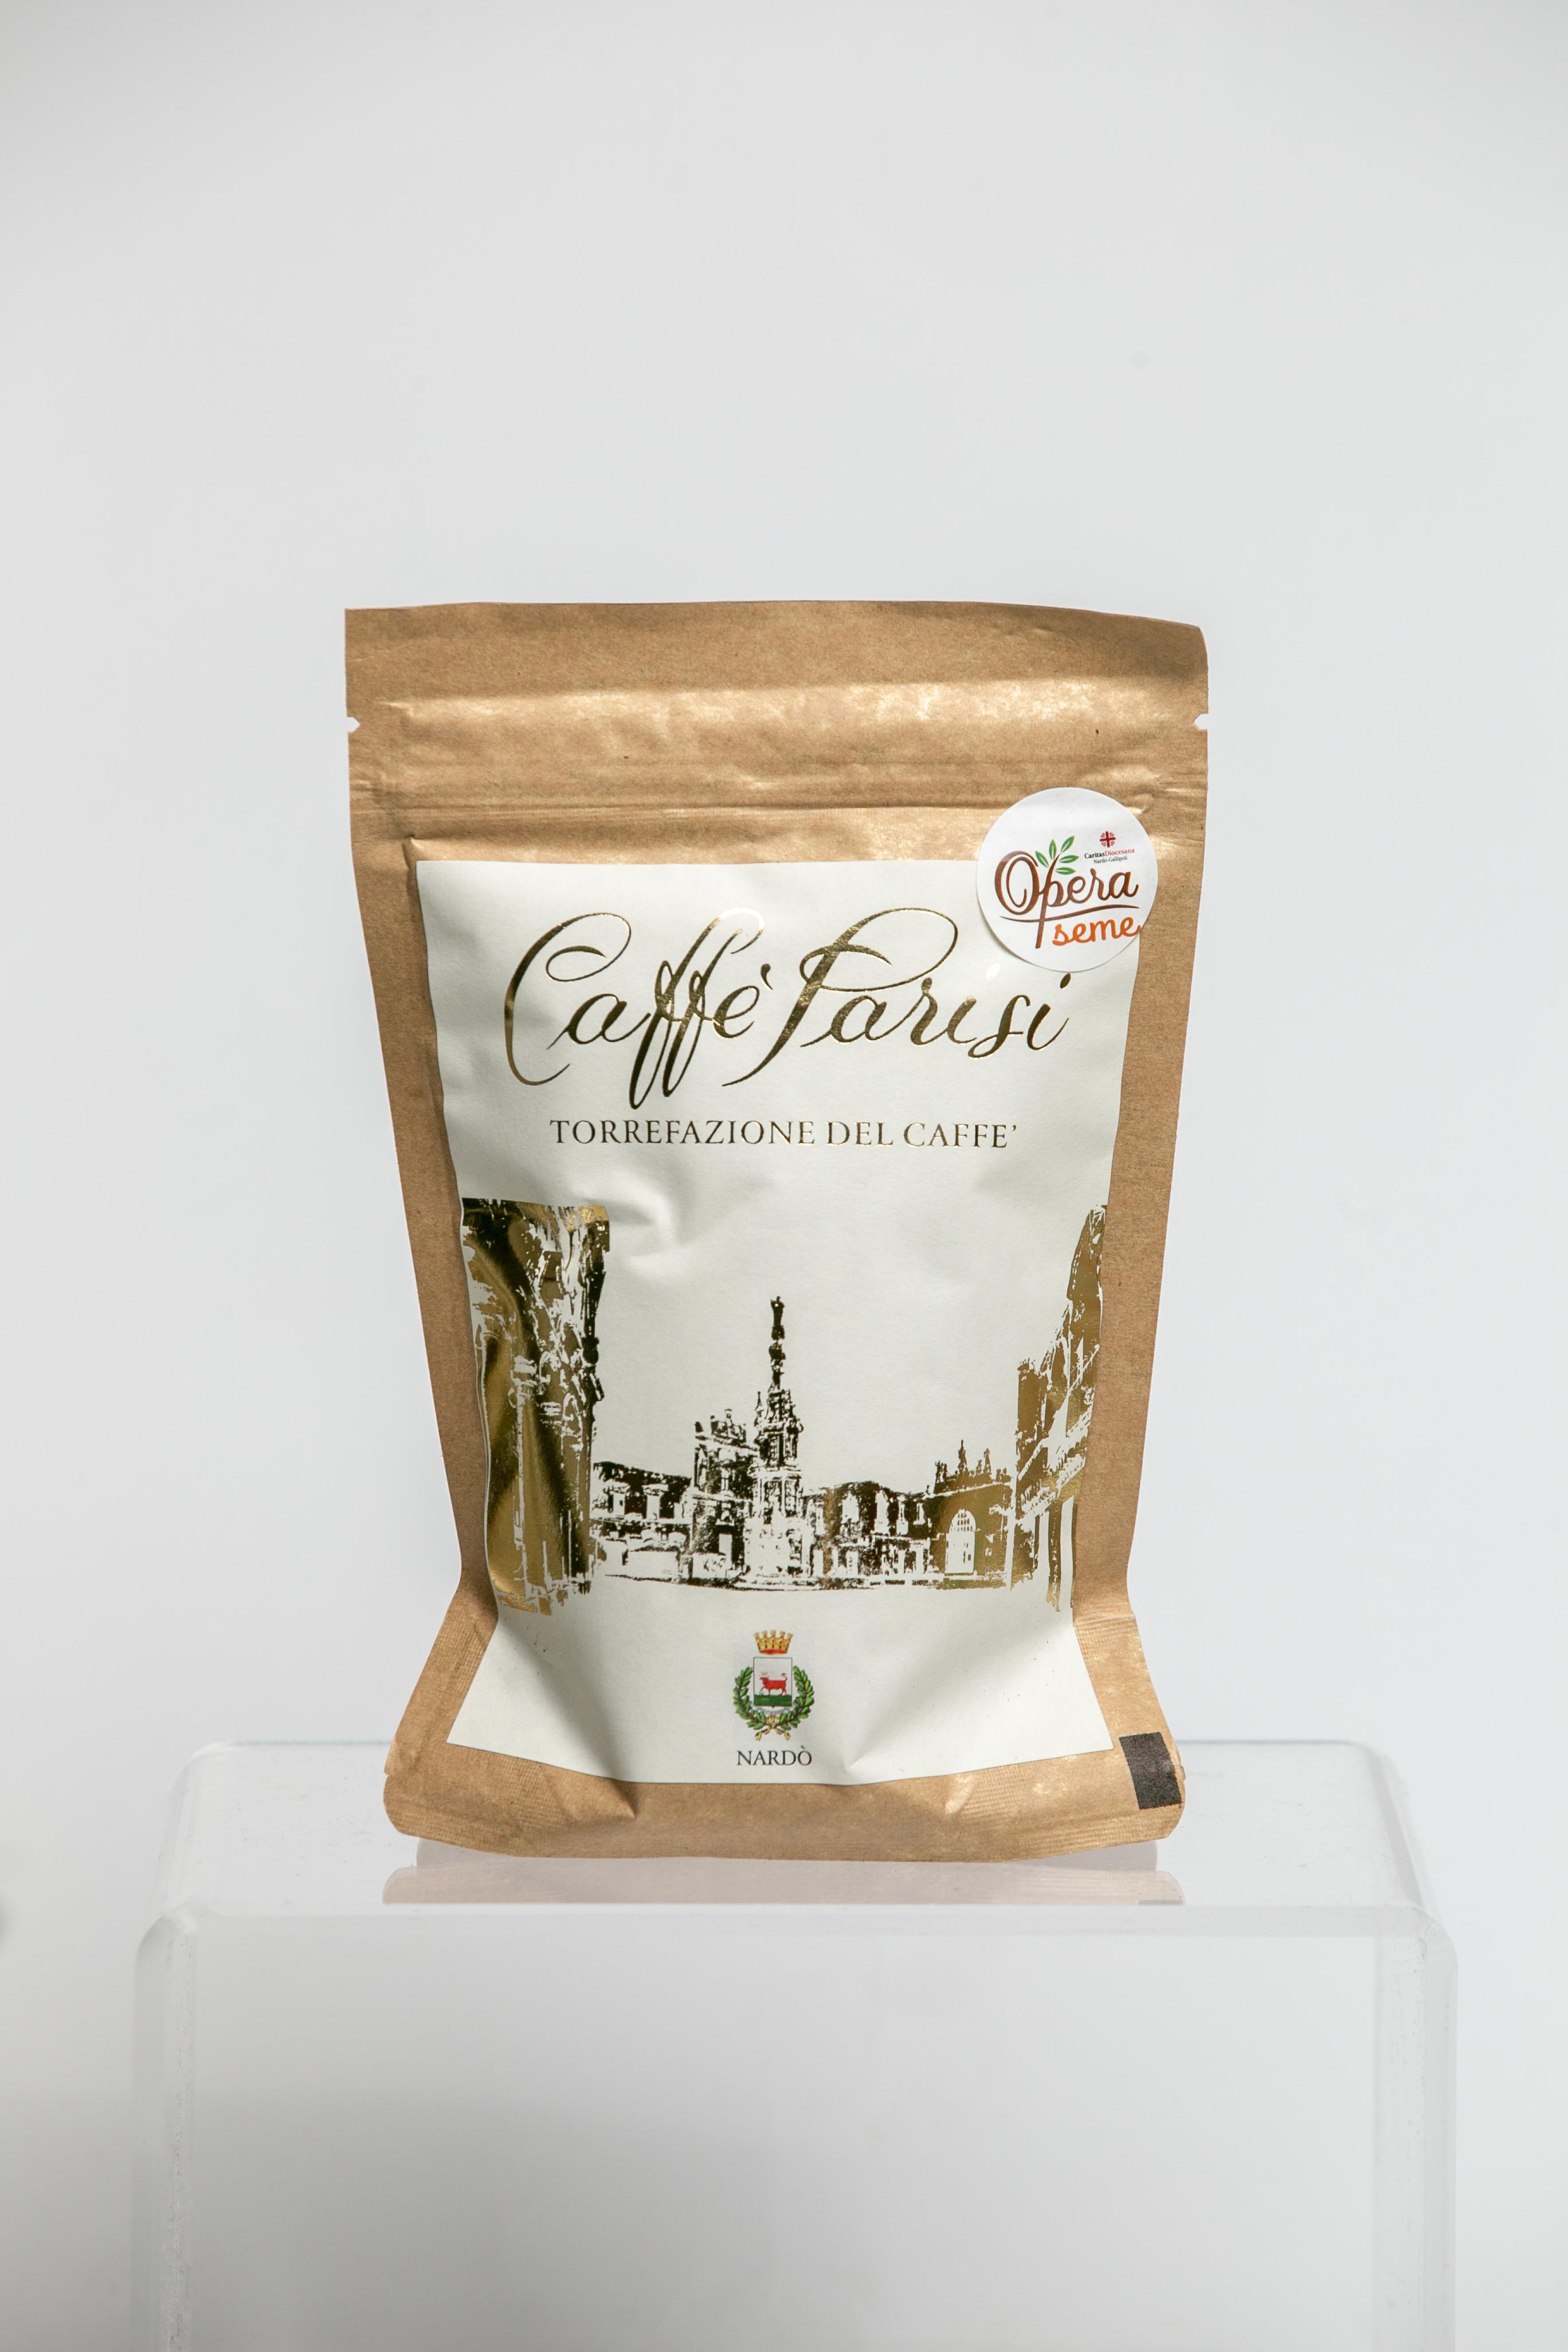 Caffè Parisi 1 kg in grani